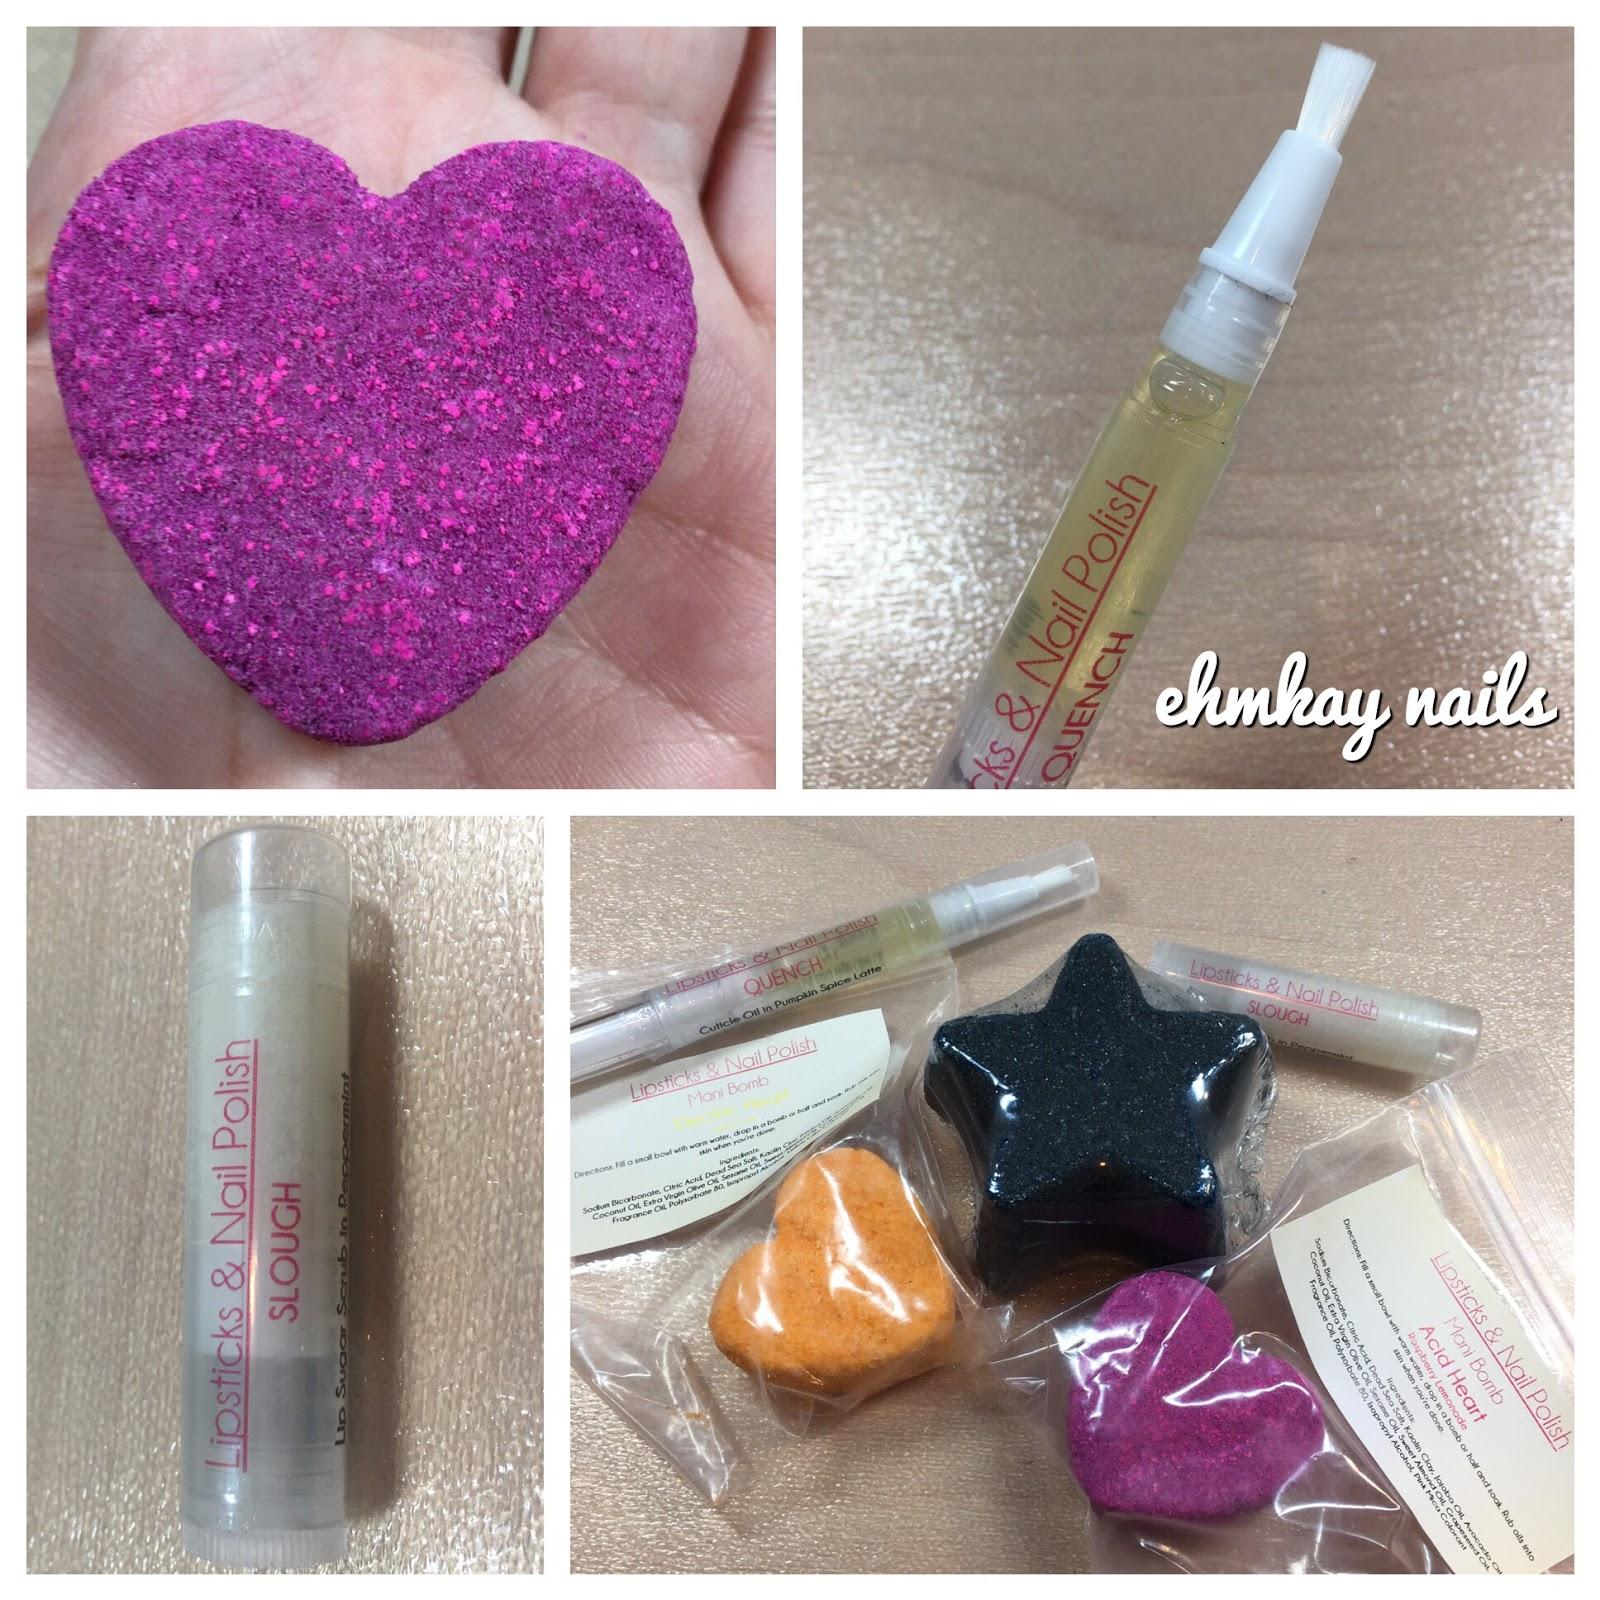 ehmkay nails: Lipsticks and Nail Polish Mani Bombs, Lip Slough, and ...